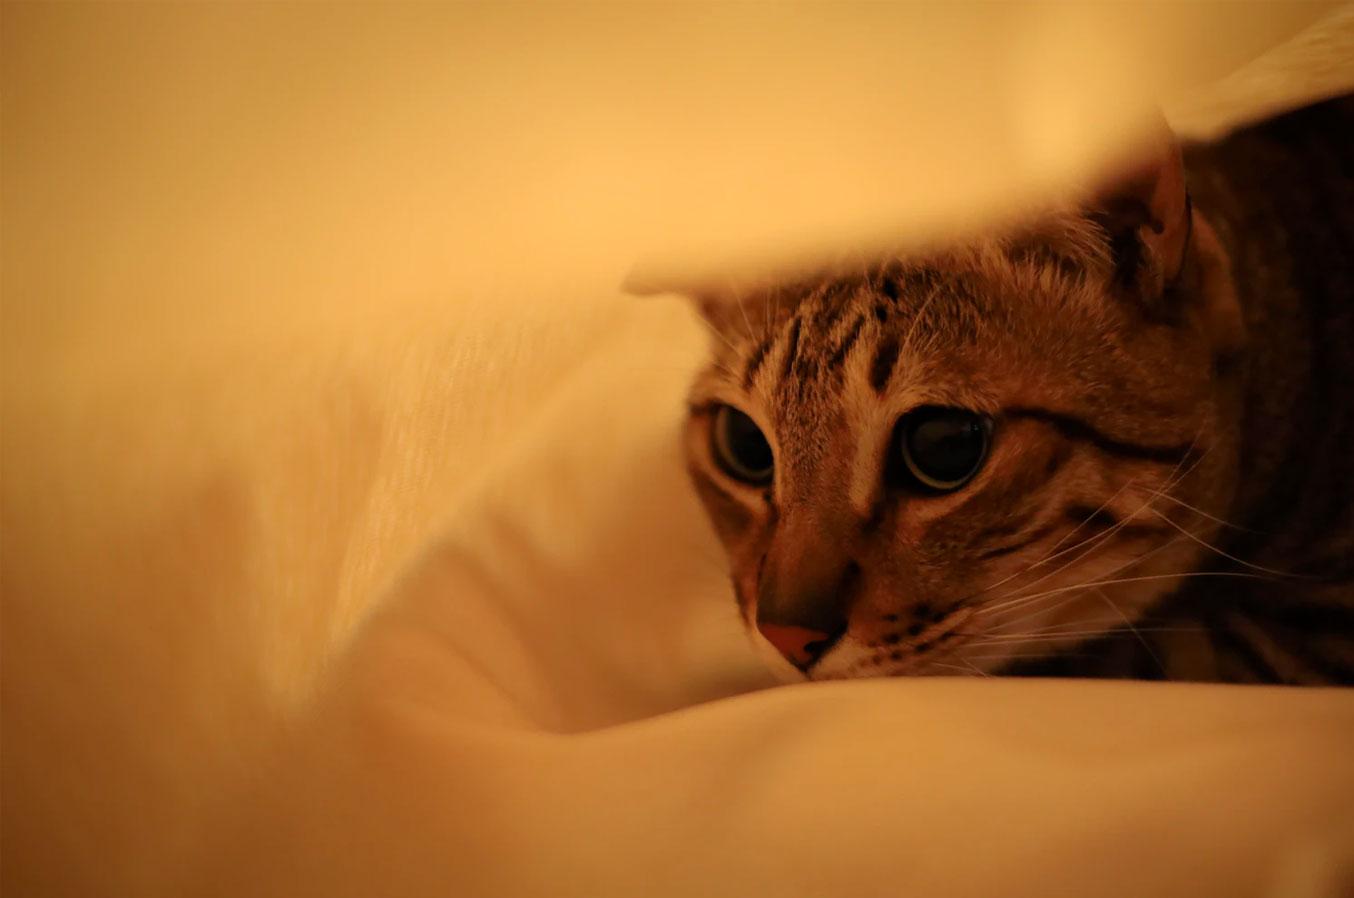 котик спрятался под одеялом